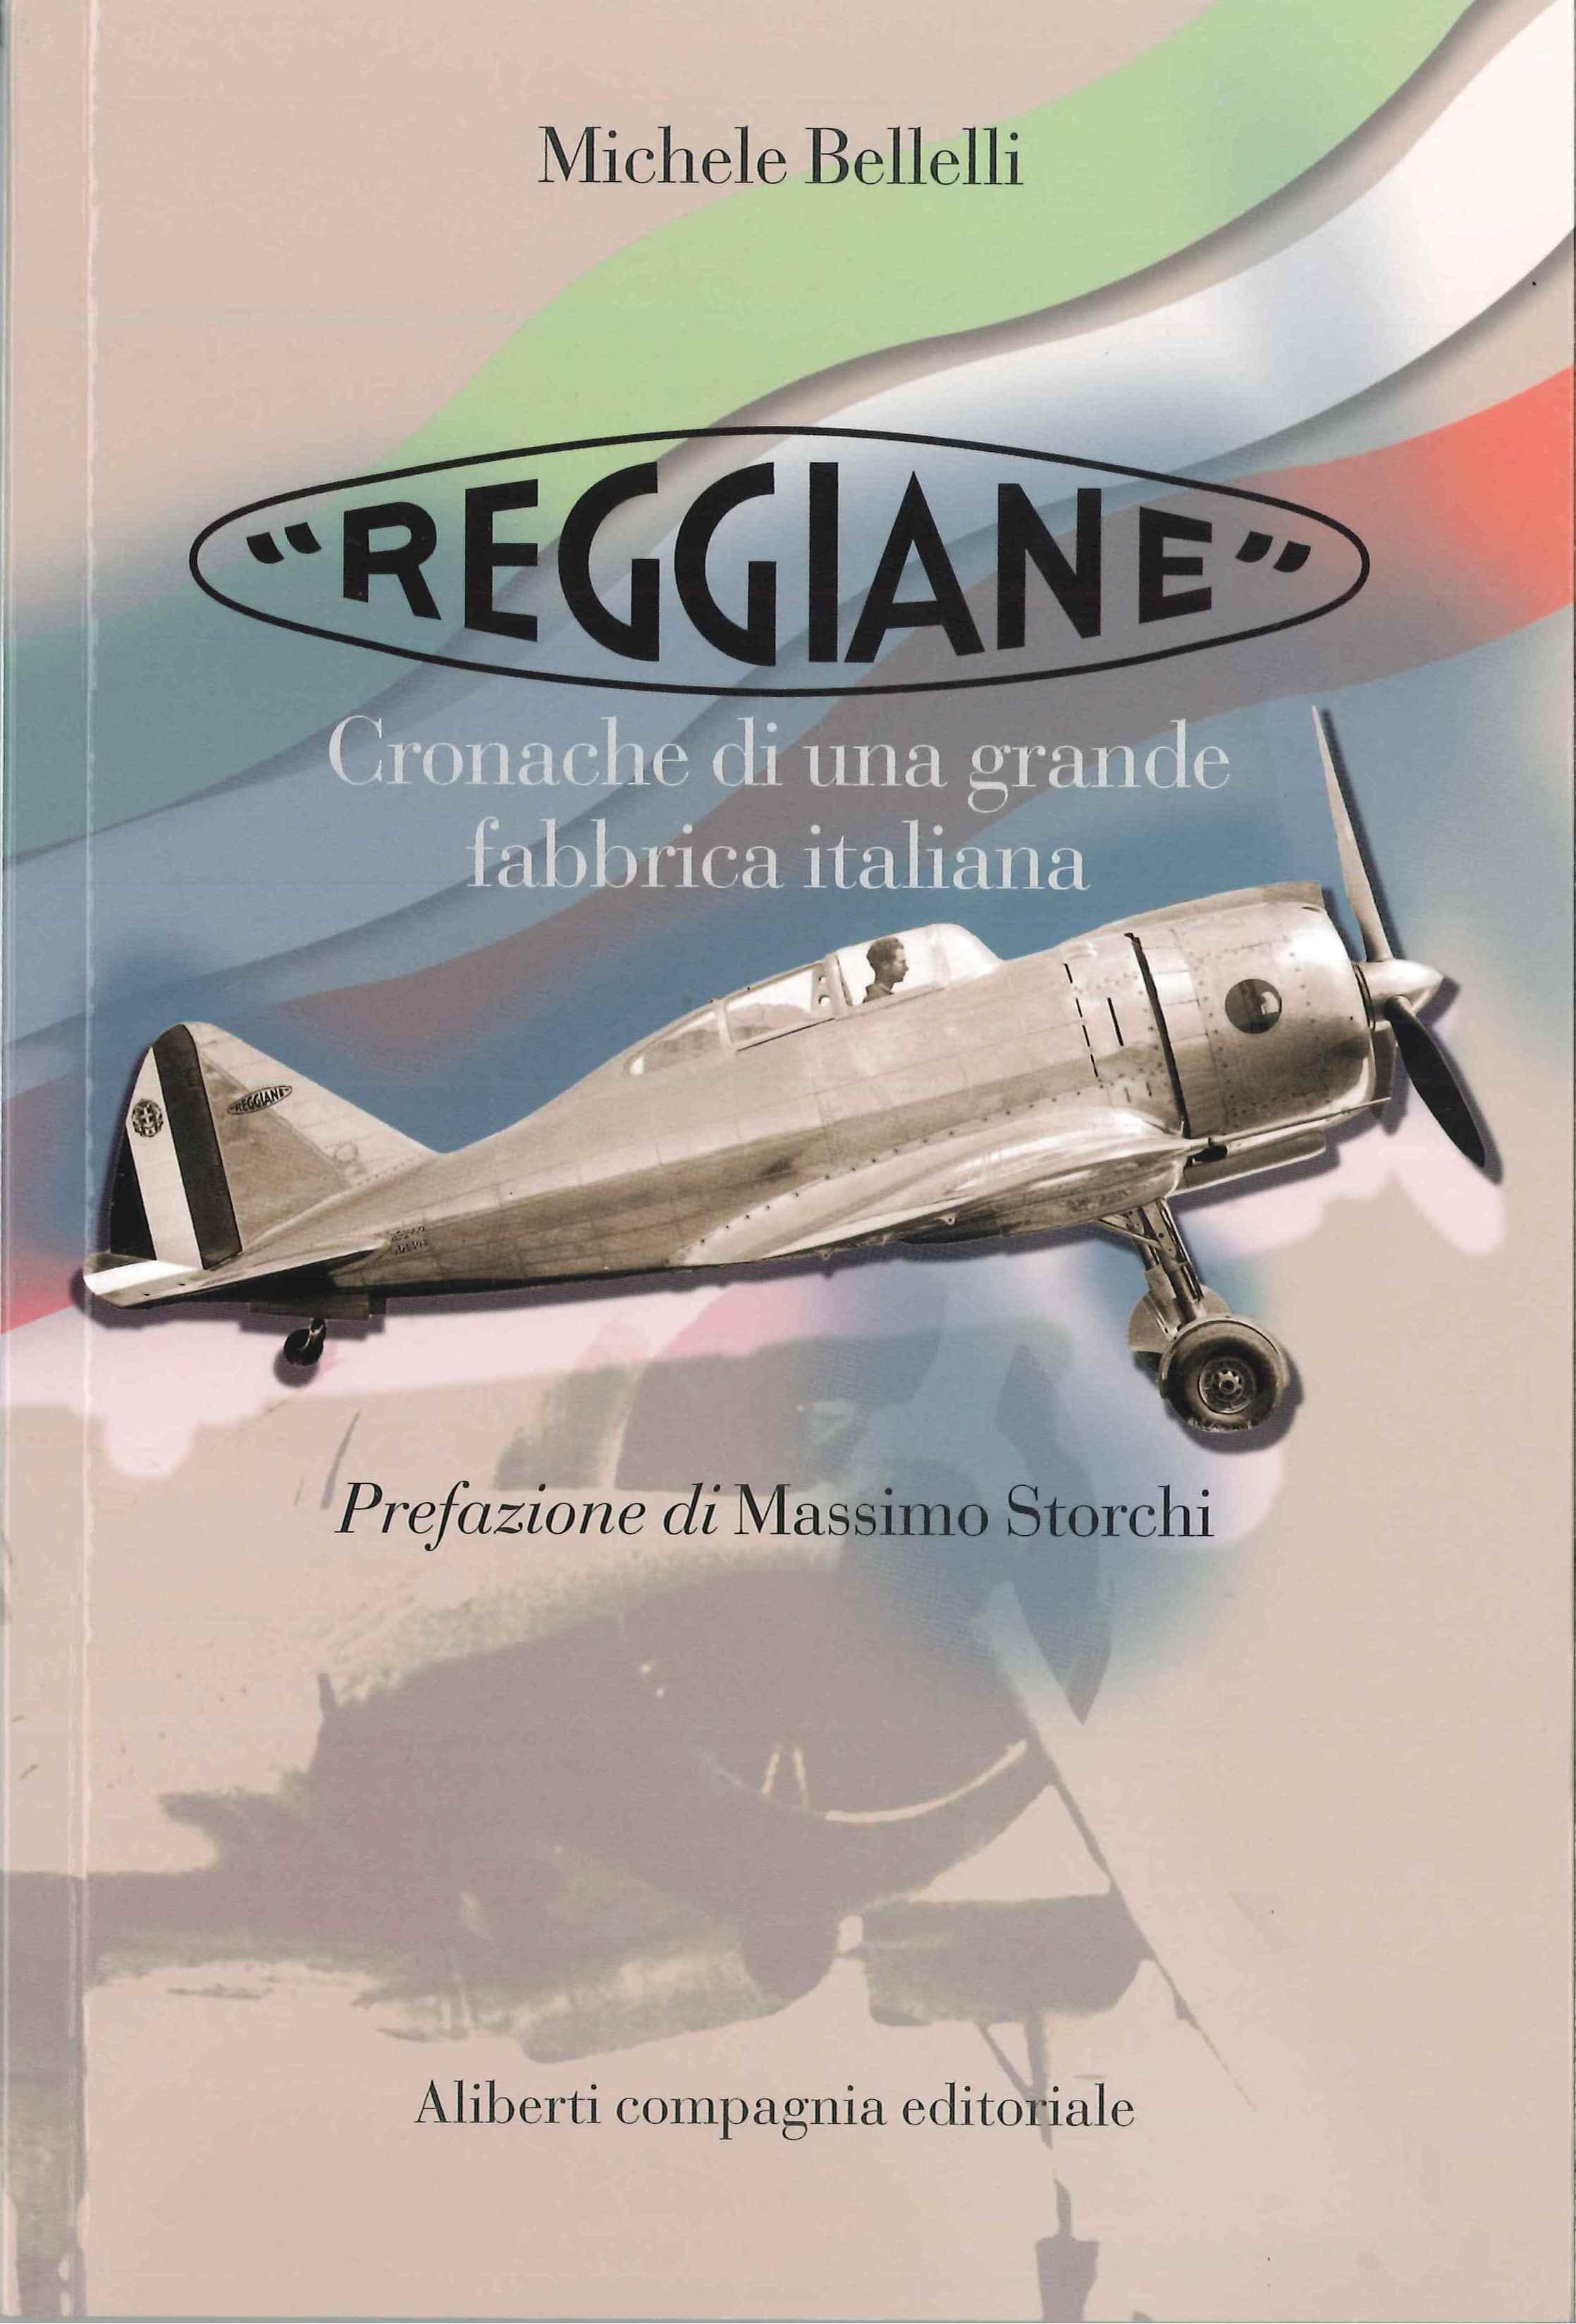 Reggiane - Cronache di una grande fabbrica italiana - Michele Belelli - Aliberti compagnia editoriale